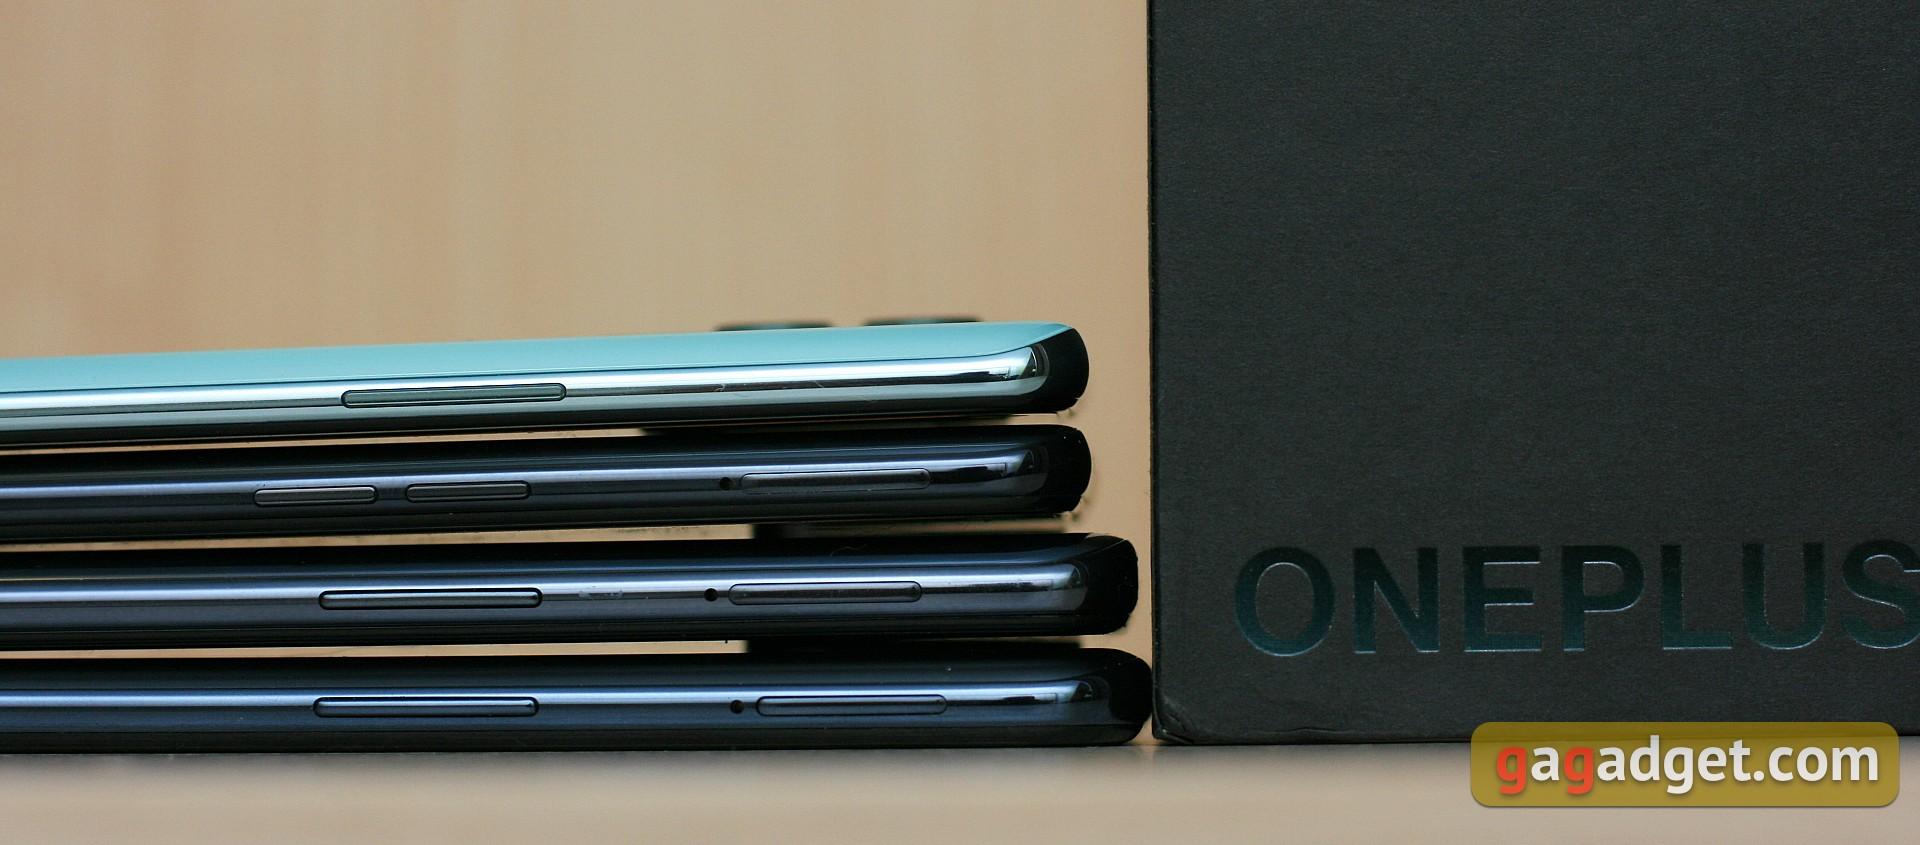 Обзор смартфона Oneplus Nord 2: зарядка за 35 минут и лучшая камера в своем классе-26